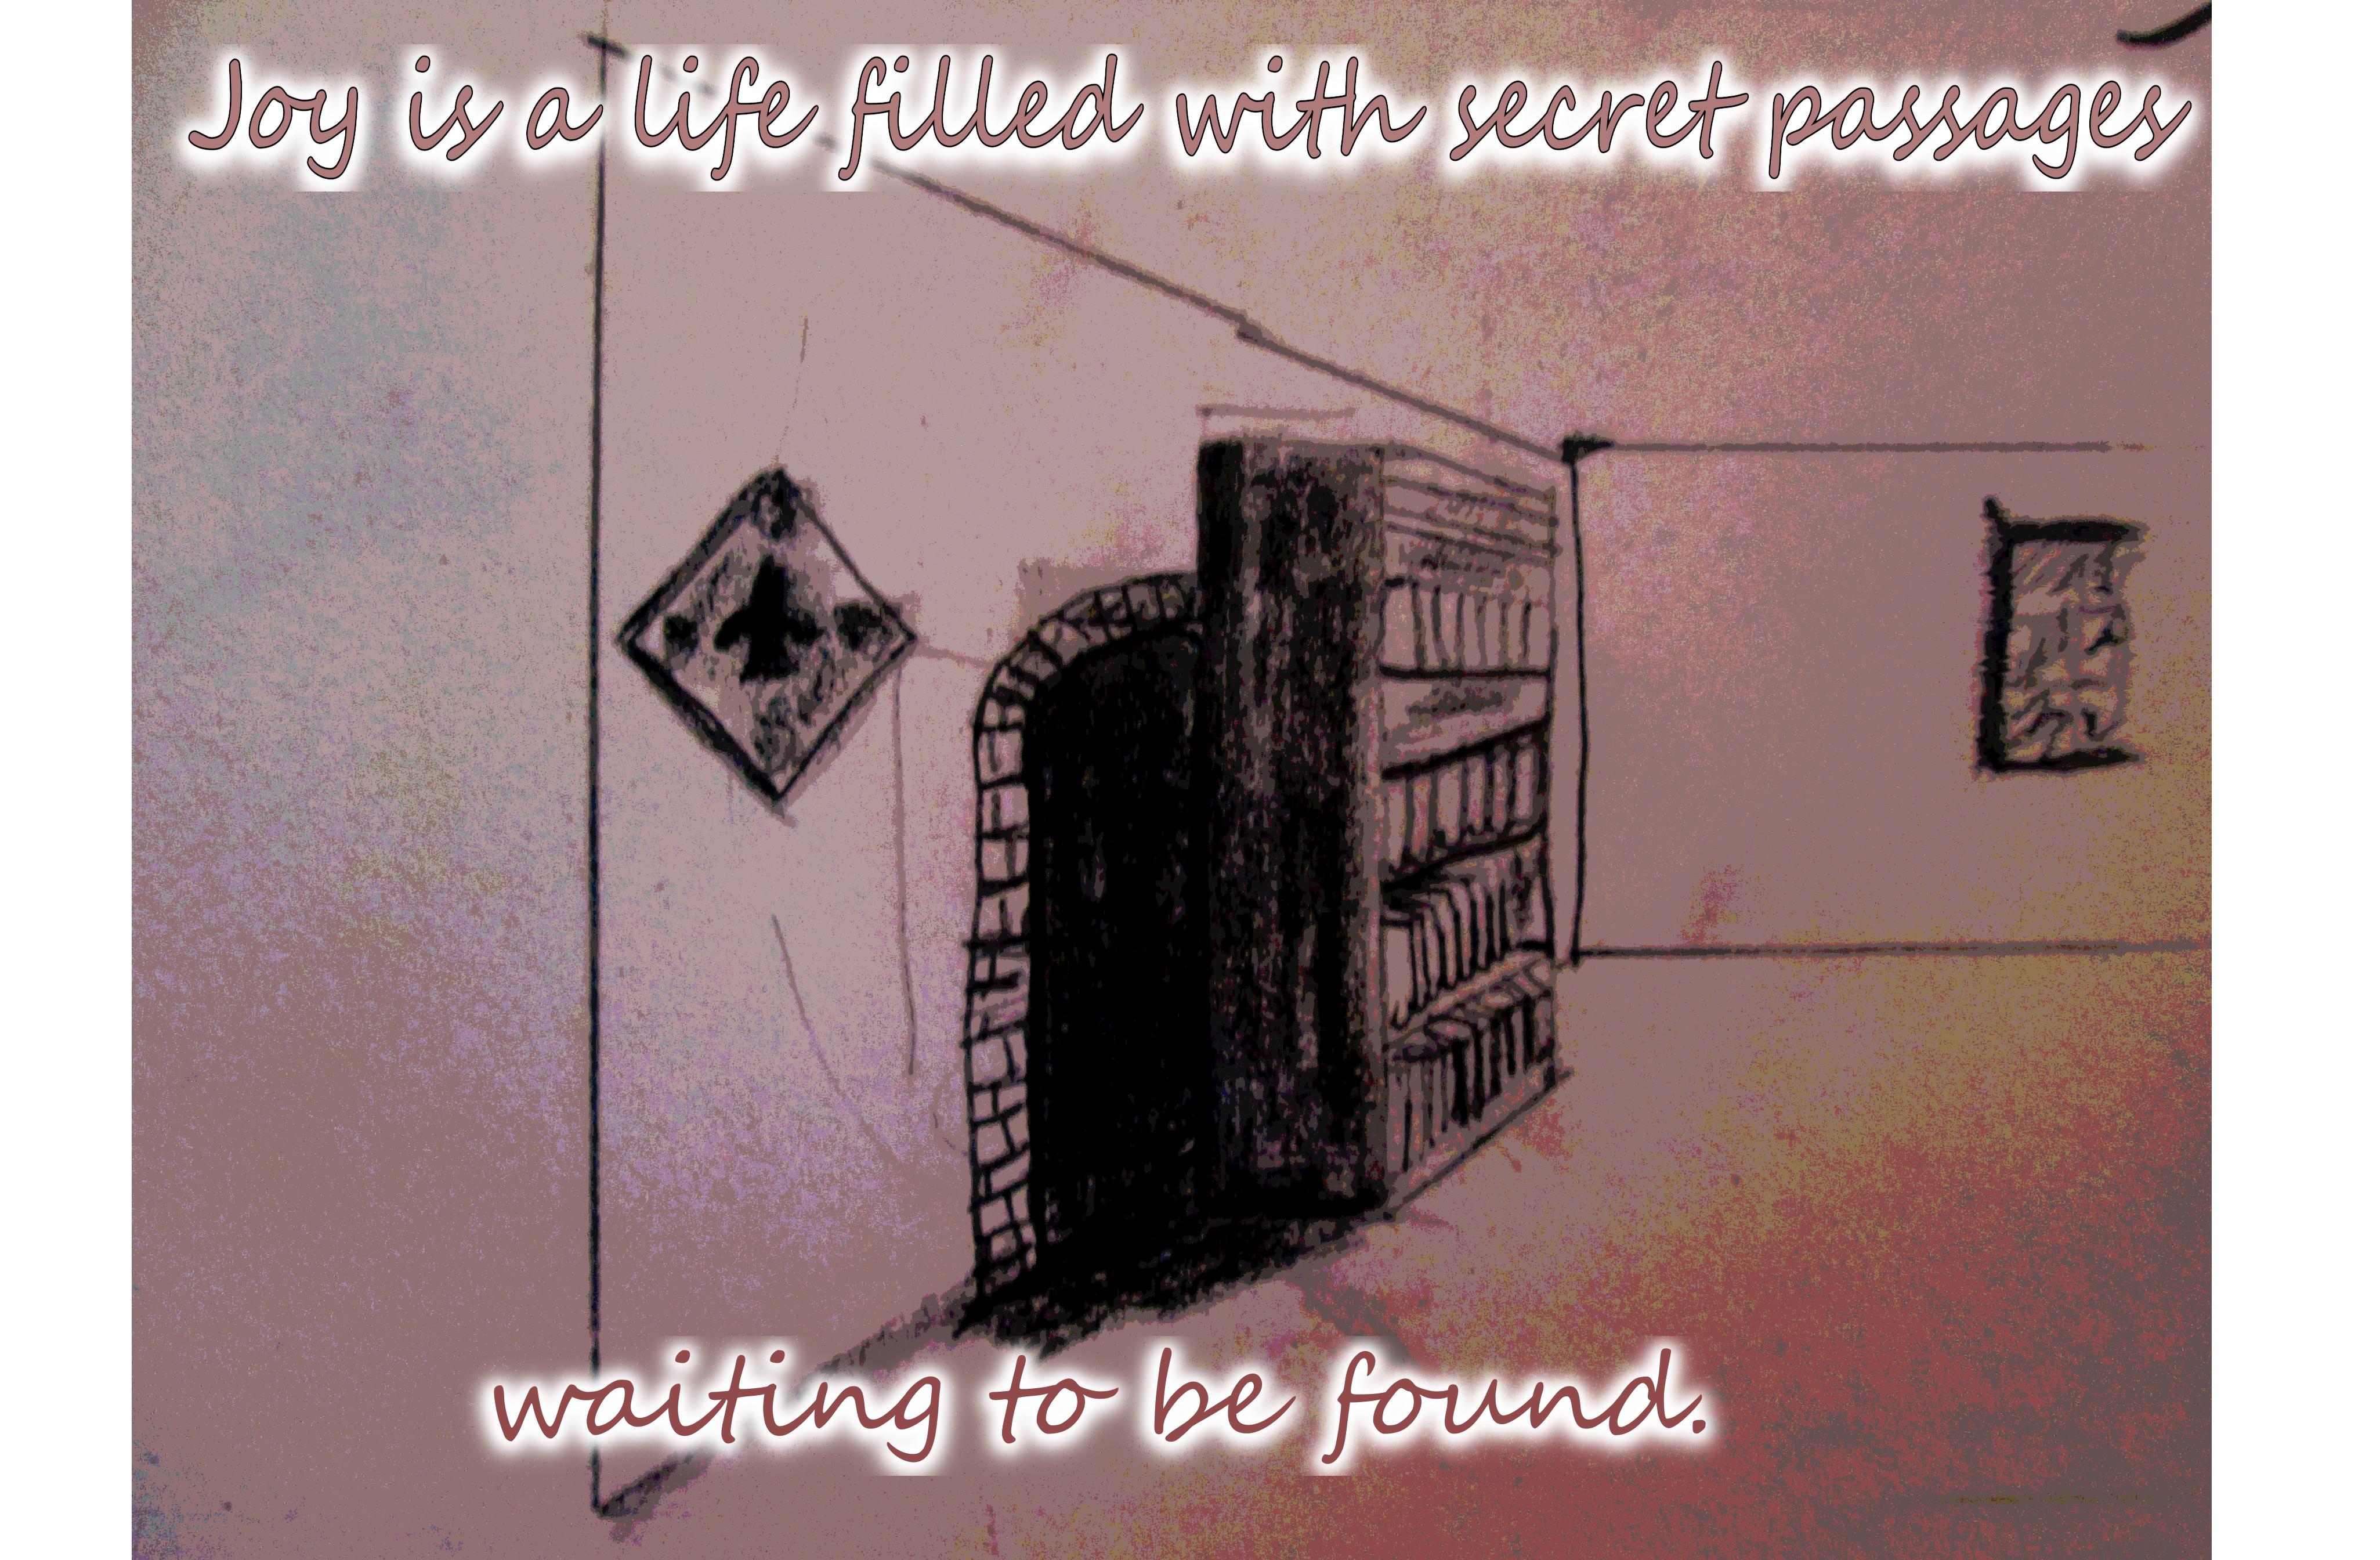 Secret passage2